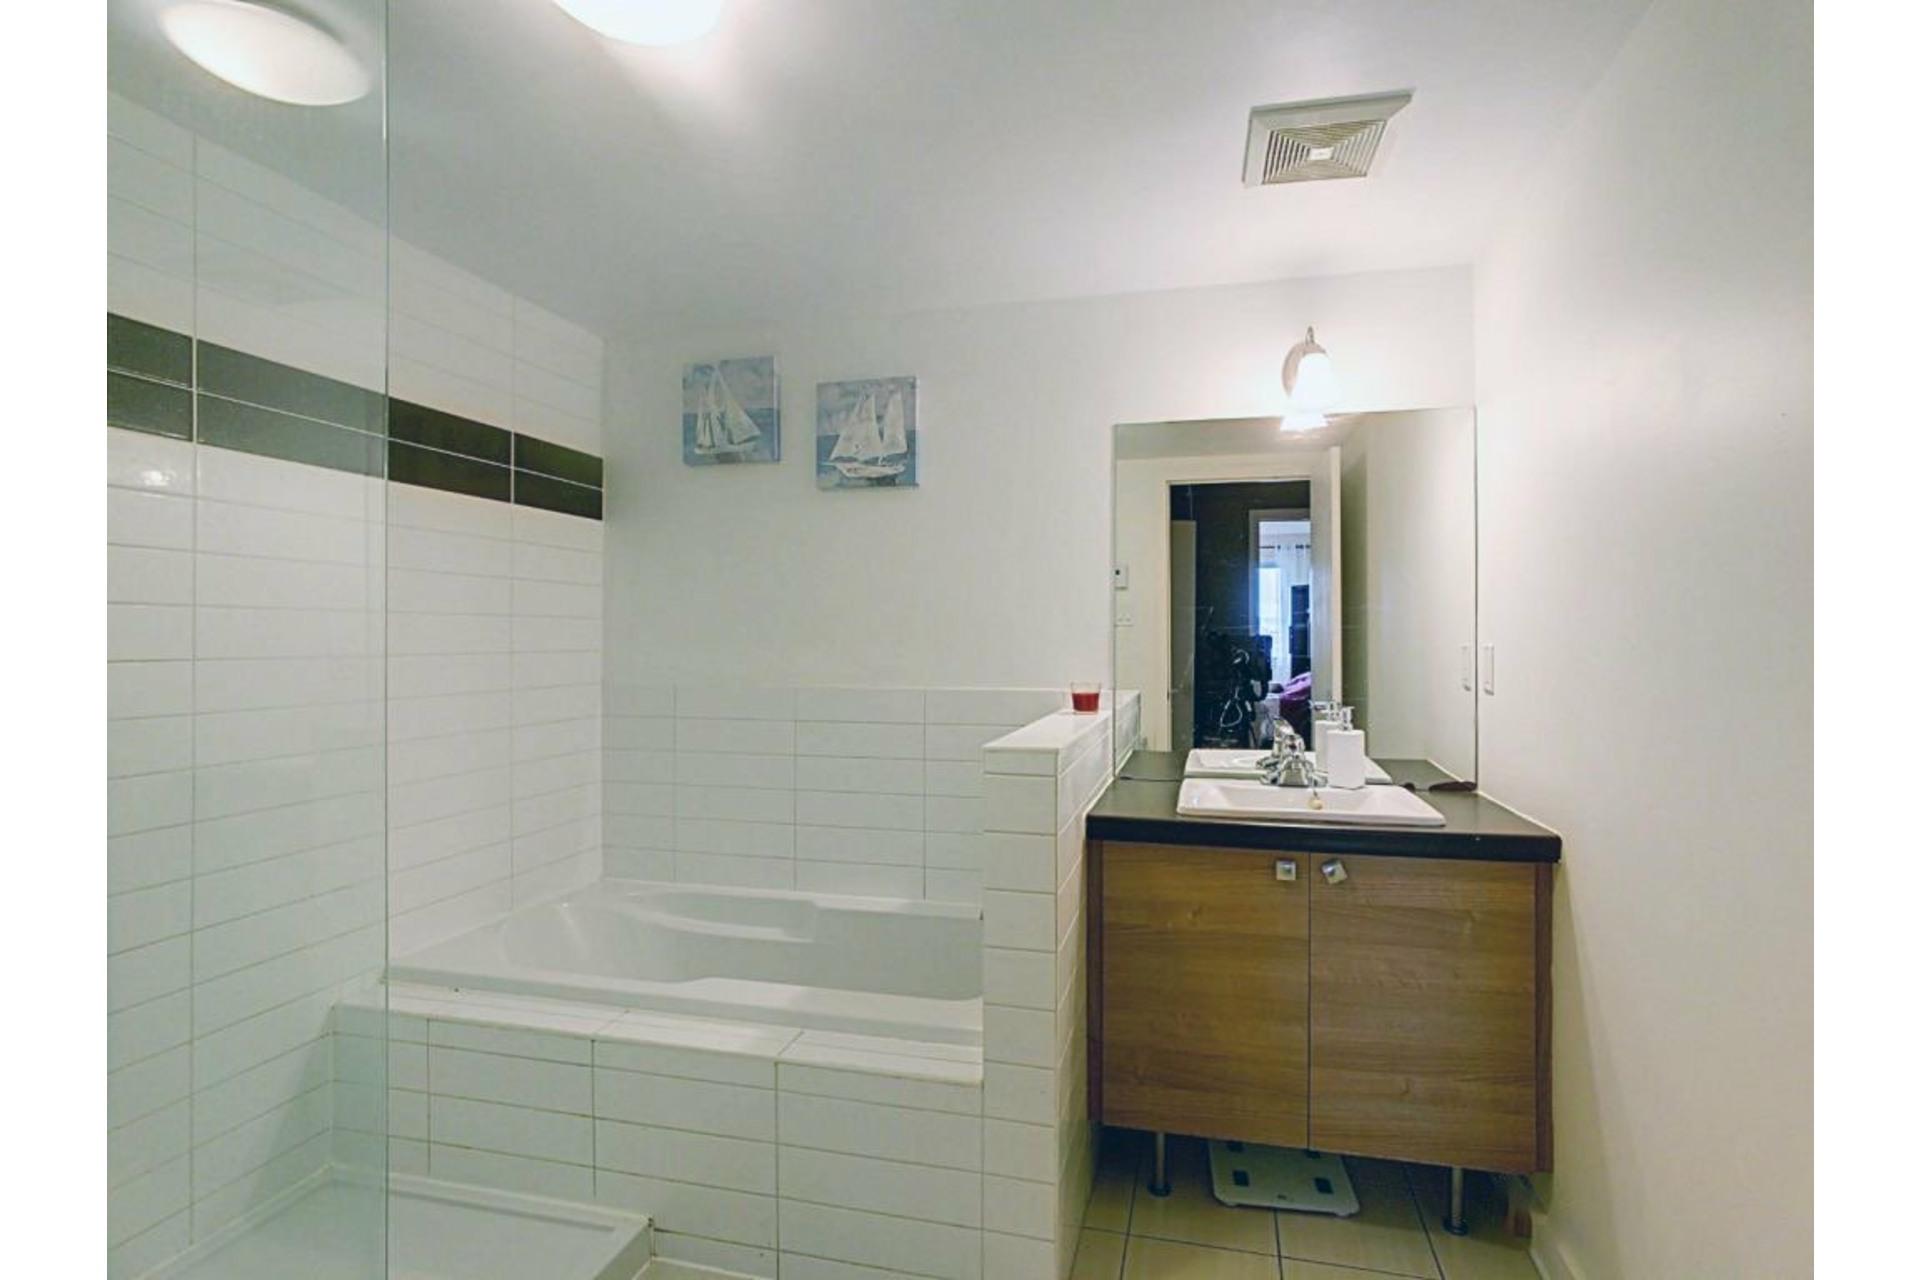 image 17 - Apartment For sale Ahuntsic-Cartierville Montréal  - 6 rooms